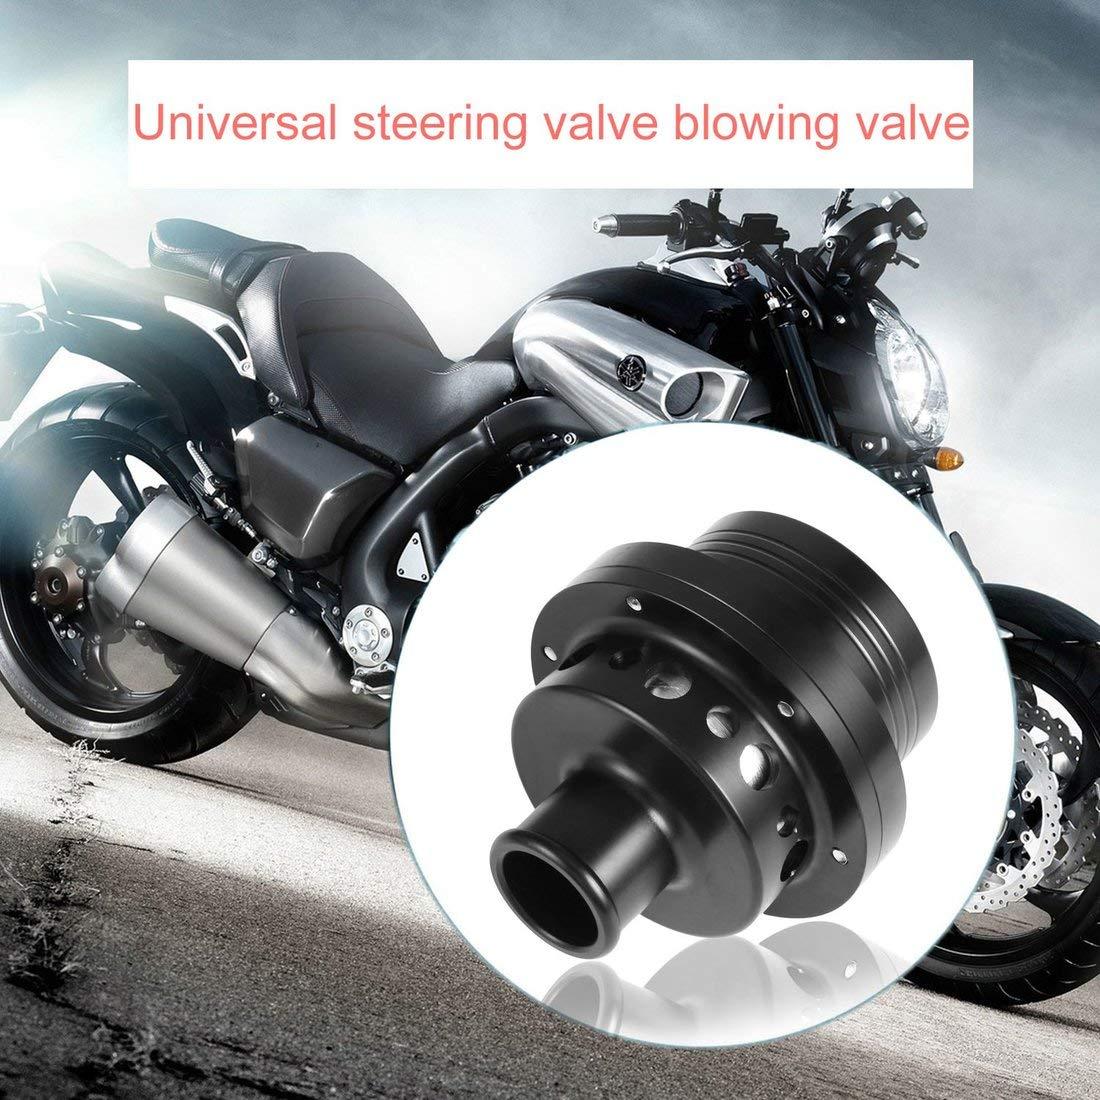 Válvula de descarga universal de 25 mm Válvula de descarga de pistón doble Bov y obturador de obturación Válvulas de descarga de recirculación del motor ...